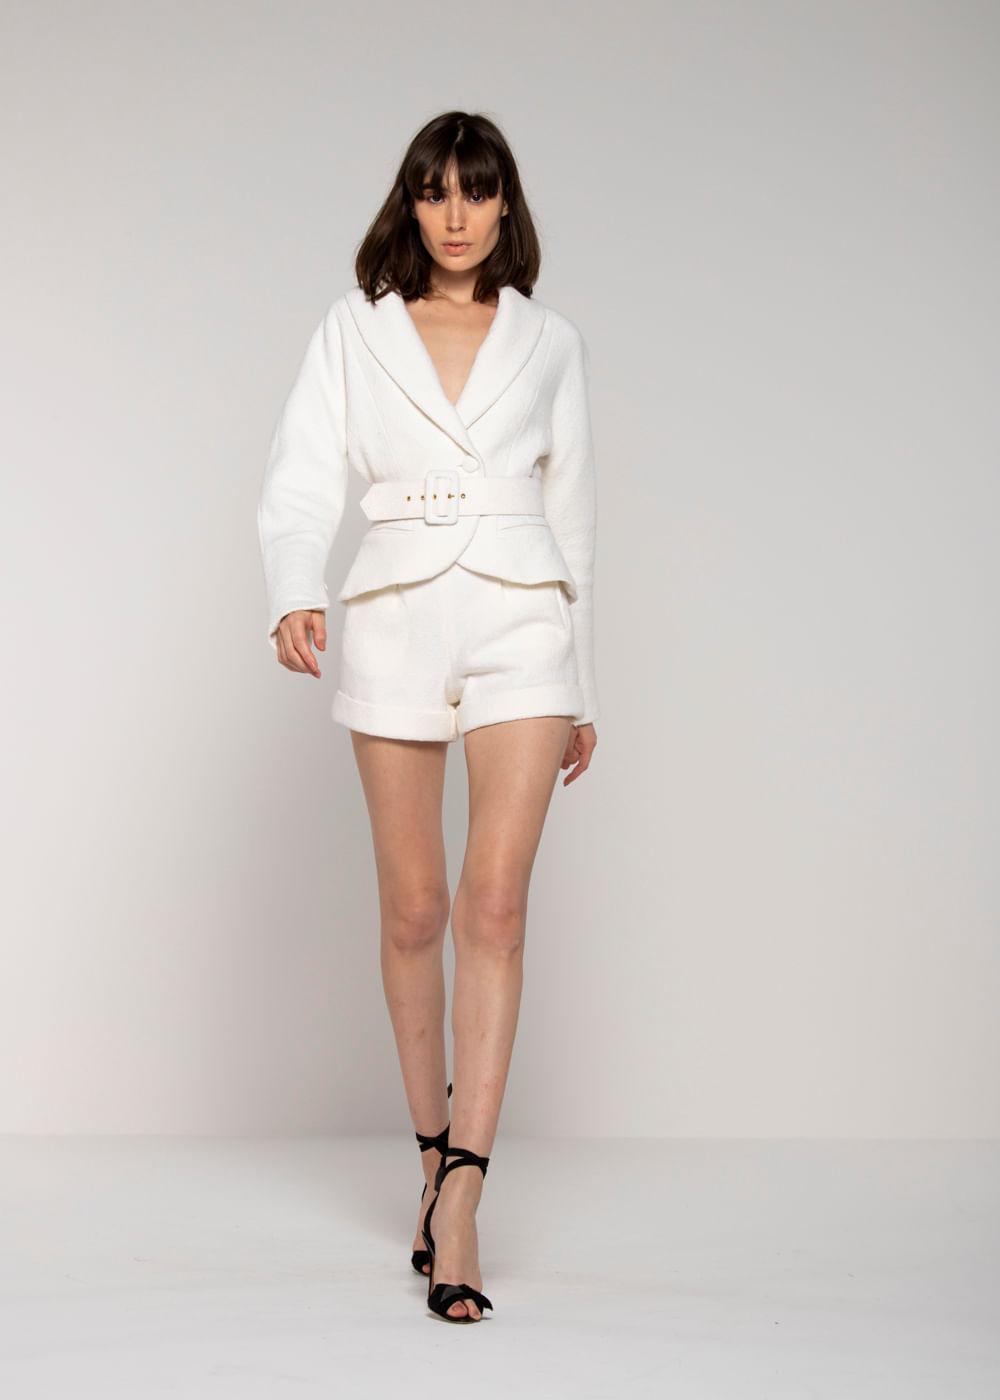 Jaqueta Vida Branca M